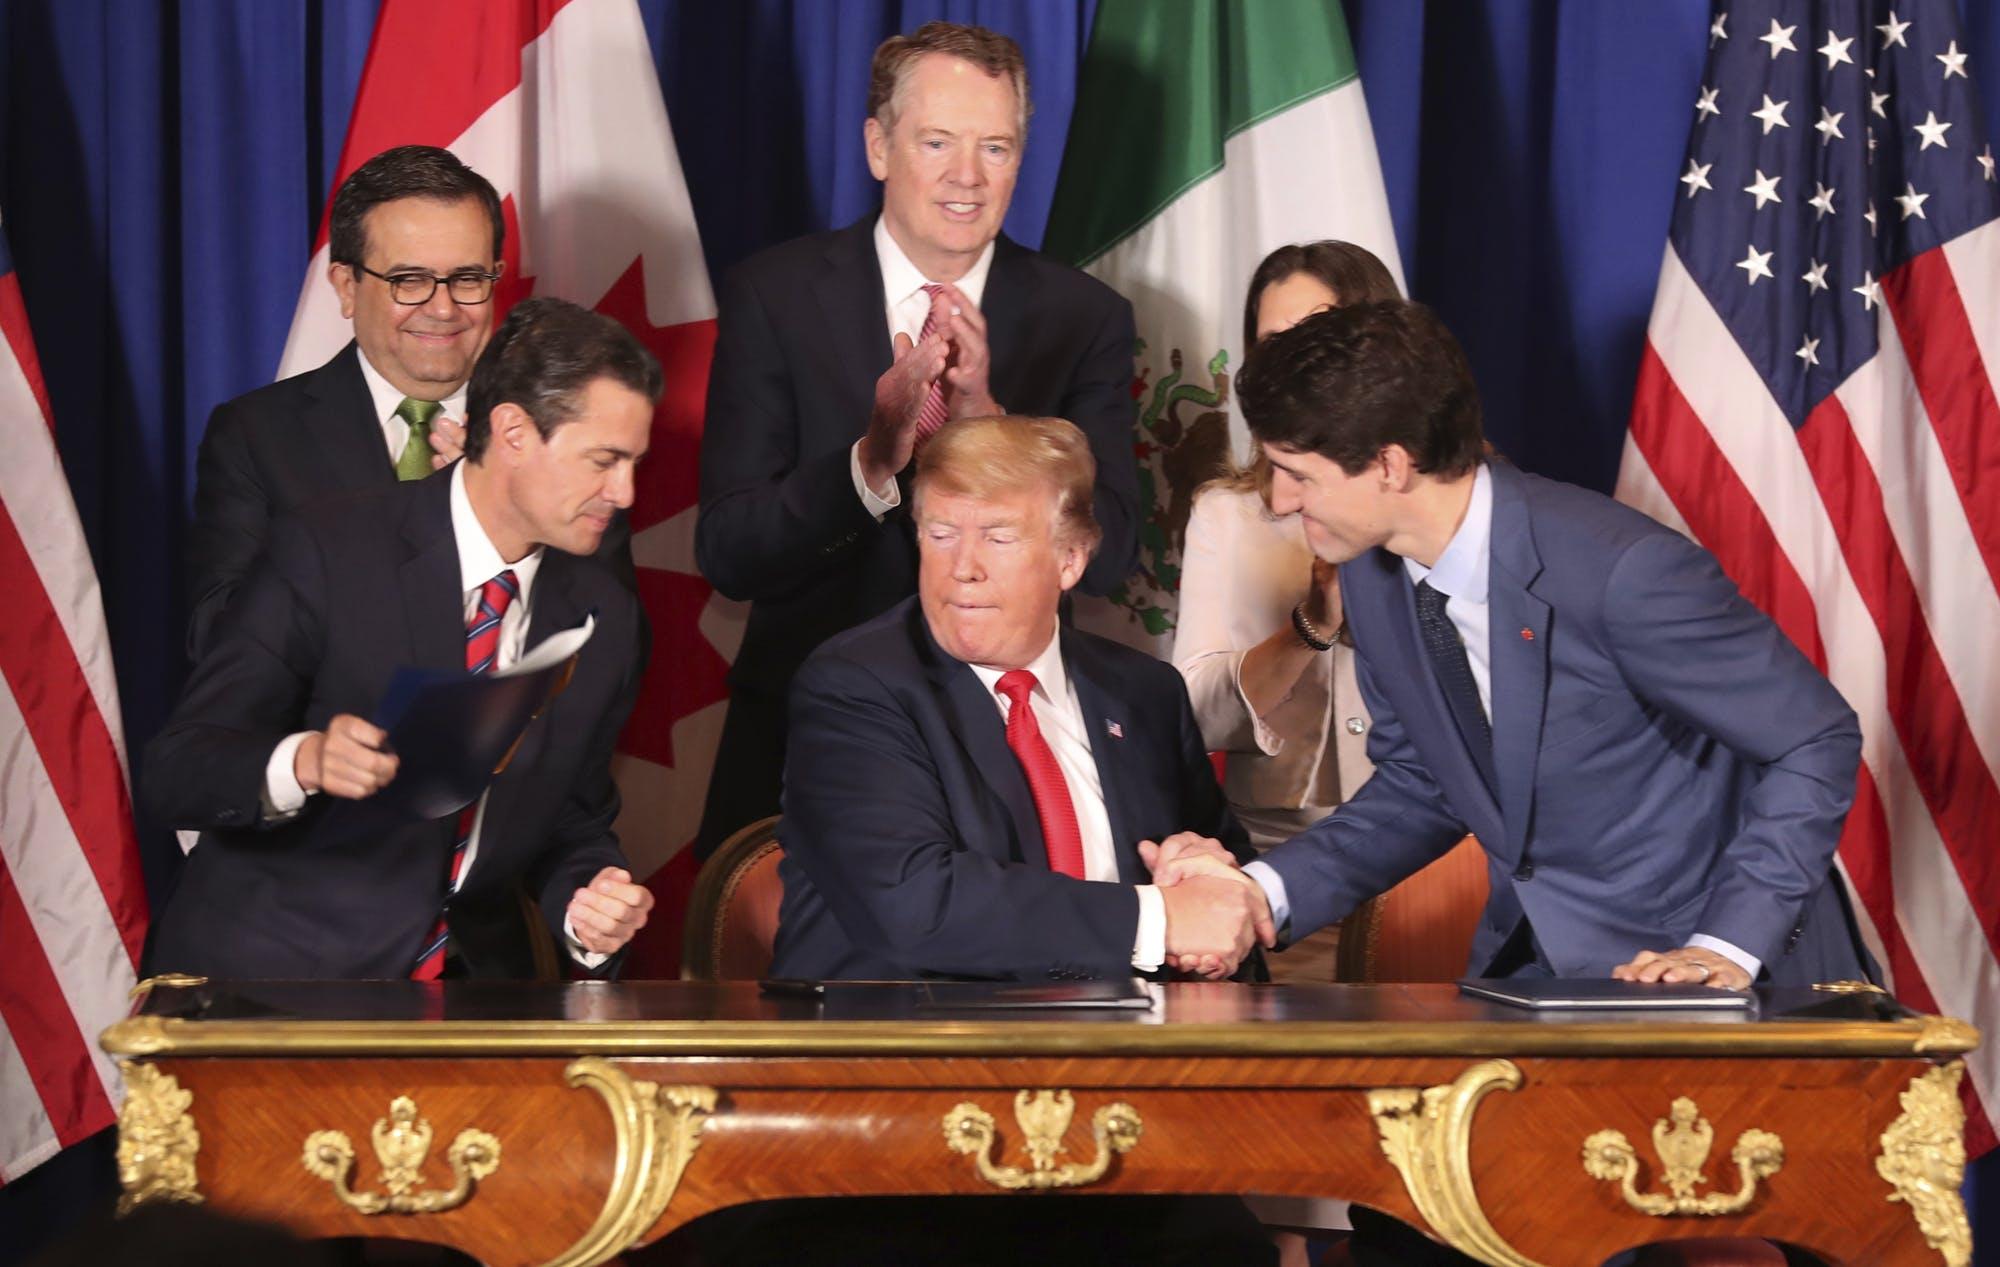 △2018年11月30日,美国、加拿大和墨西哥三国首脑签署《美墨加协议》